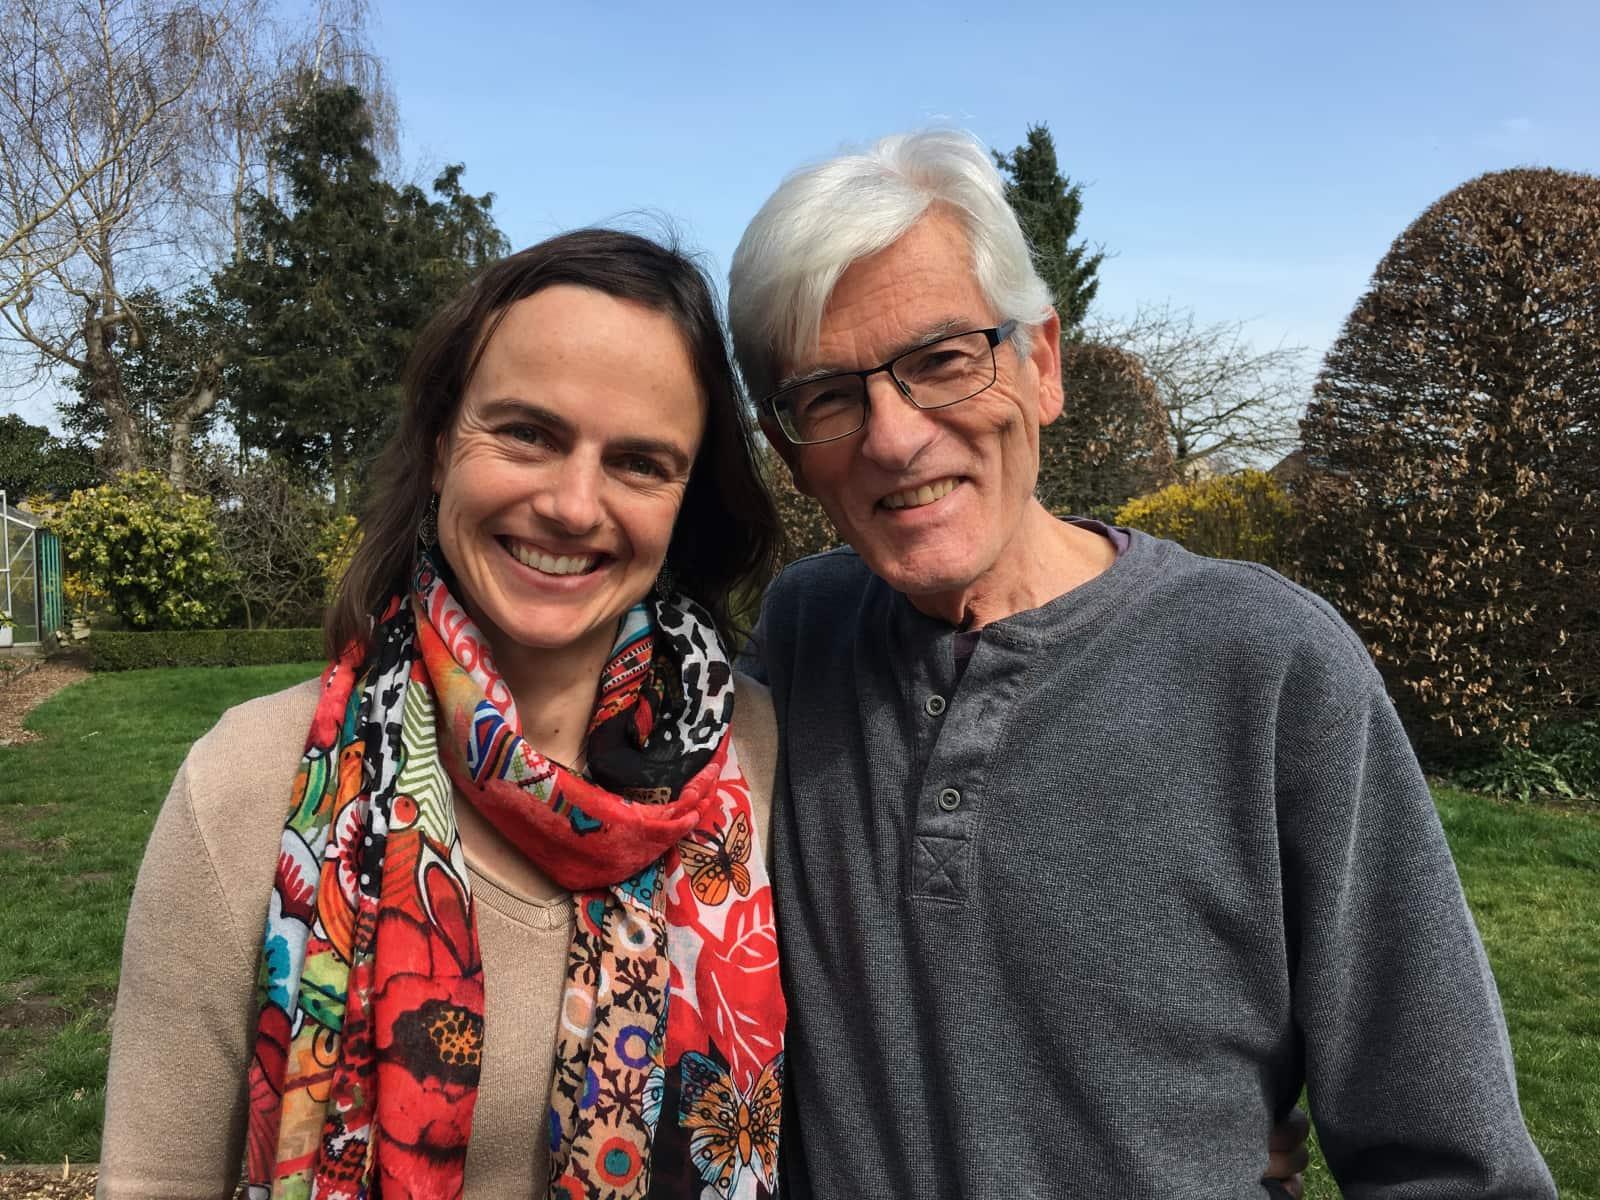 Fabienne & James from Zürich, Switzerland